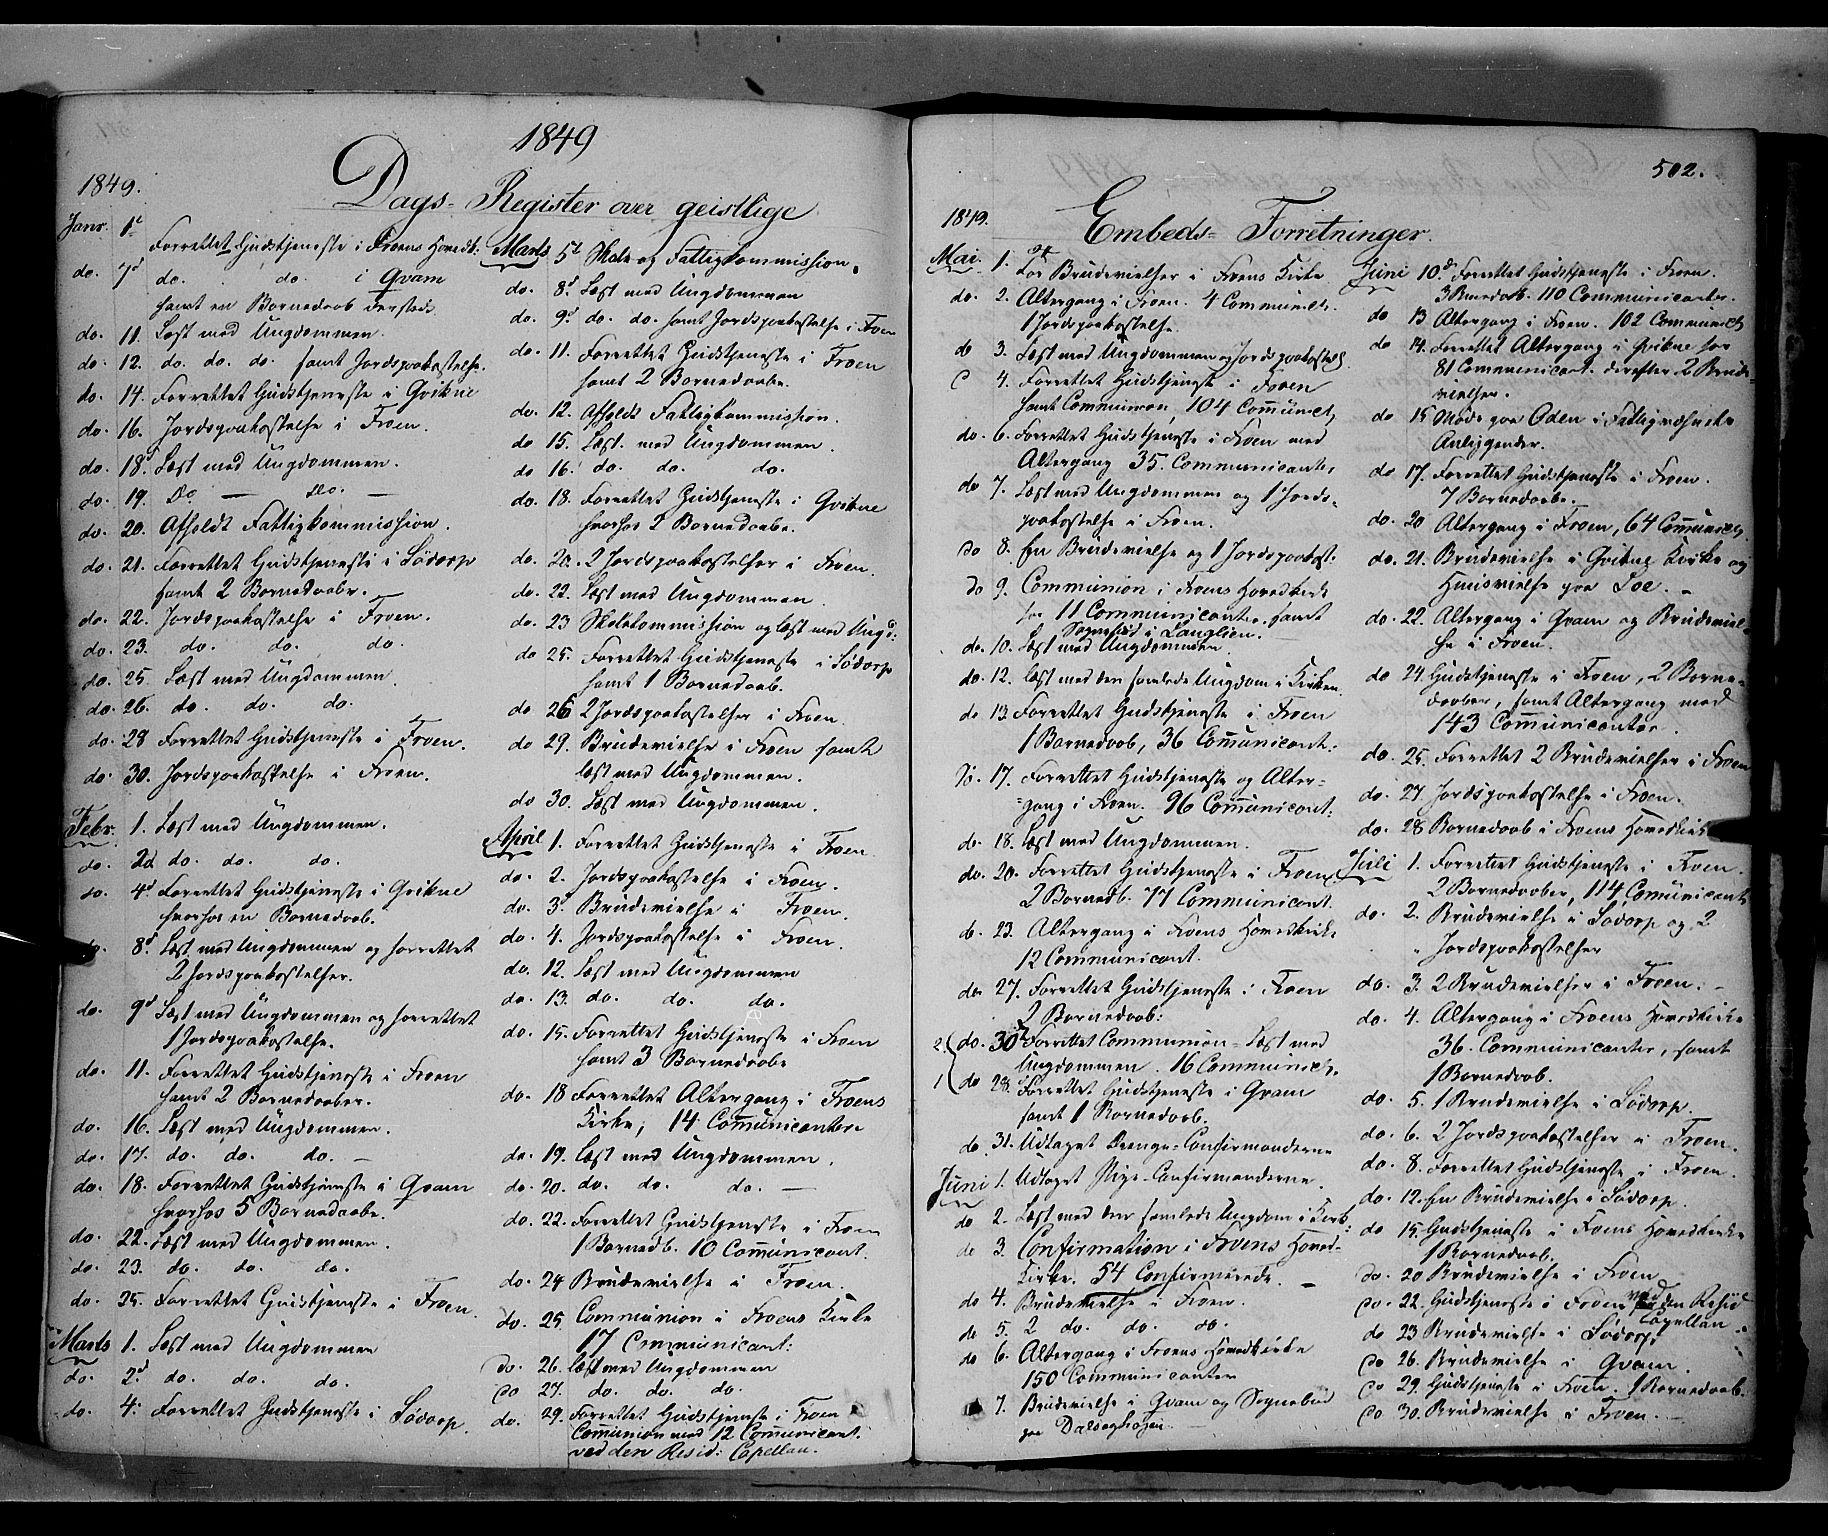 SAH, Sør-Fron prestekontor, H/Ha/Haa/L0001: Ministerialbok nr. 1, 1849-1863, s. 502